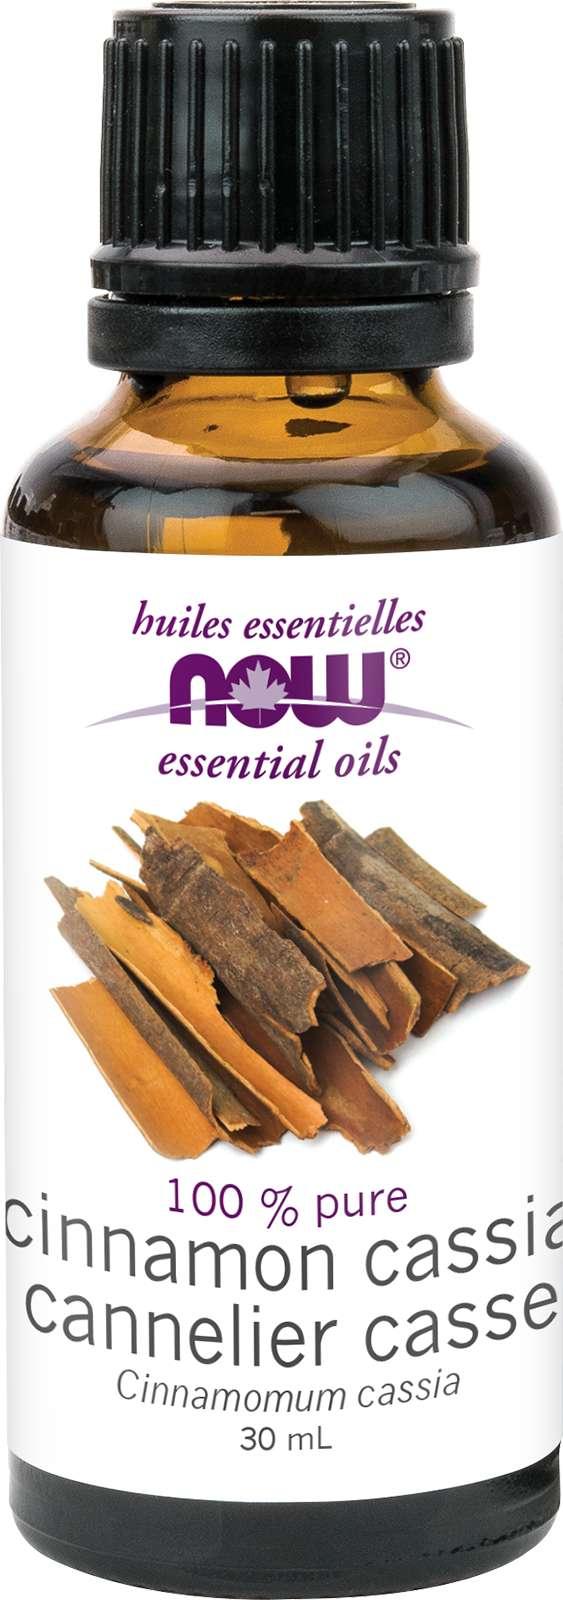 Cassia Oil (Cinnamomum cassia) 30mL